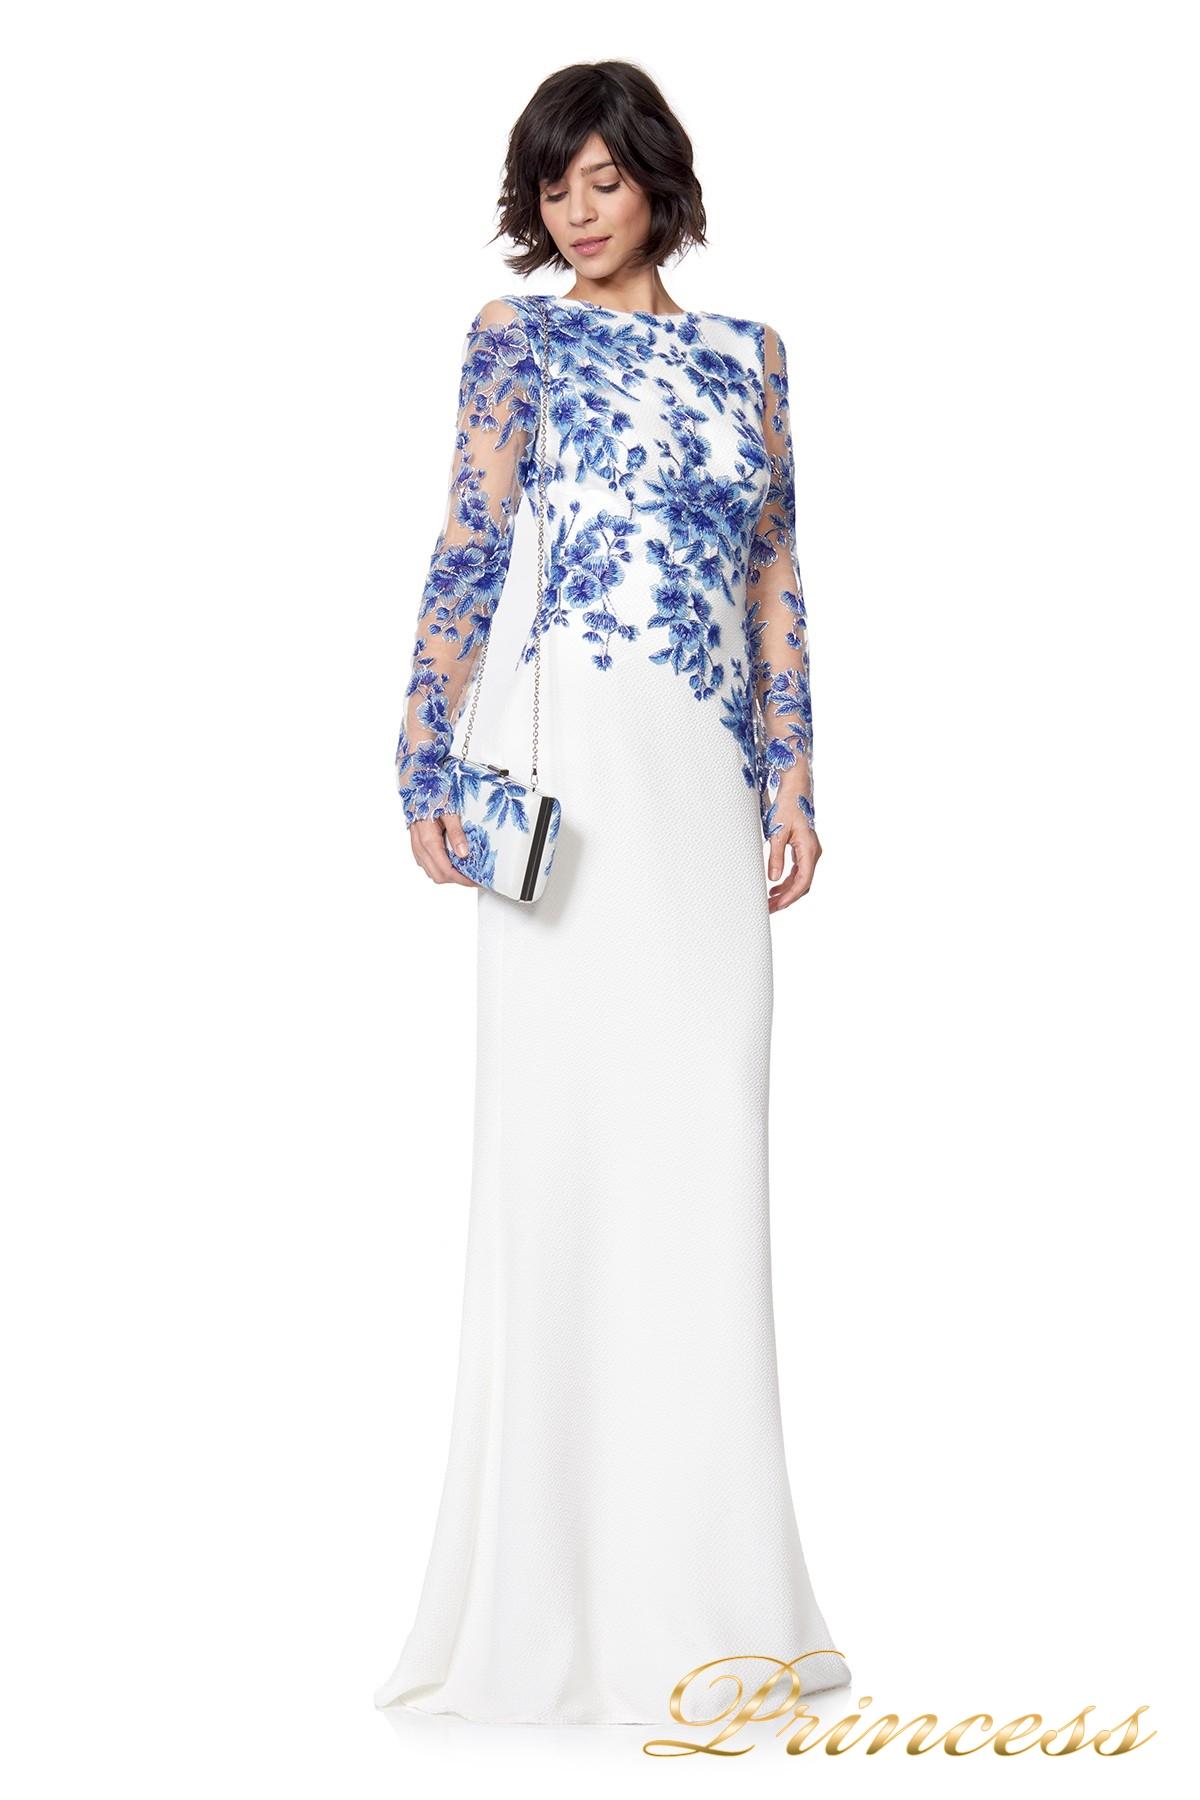 070be2d0443 Купить вечернее платье ath16206lxy white цветочного цвета по цене ...